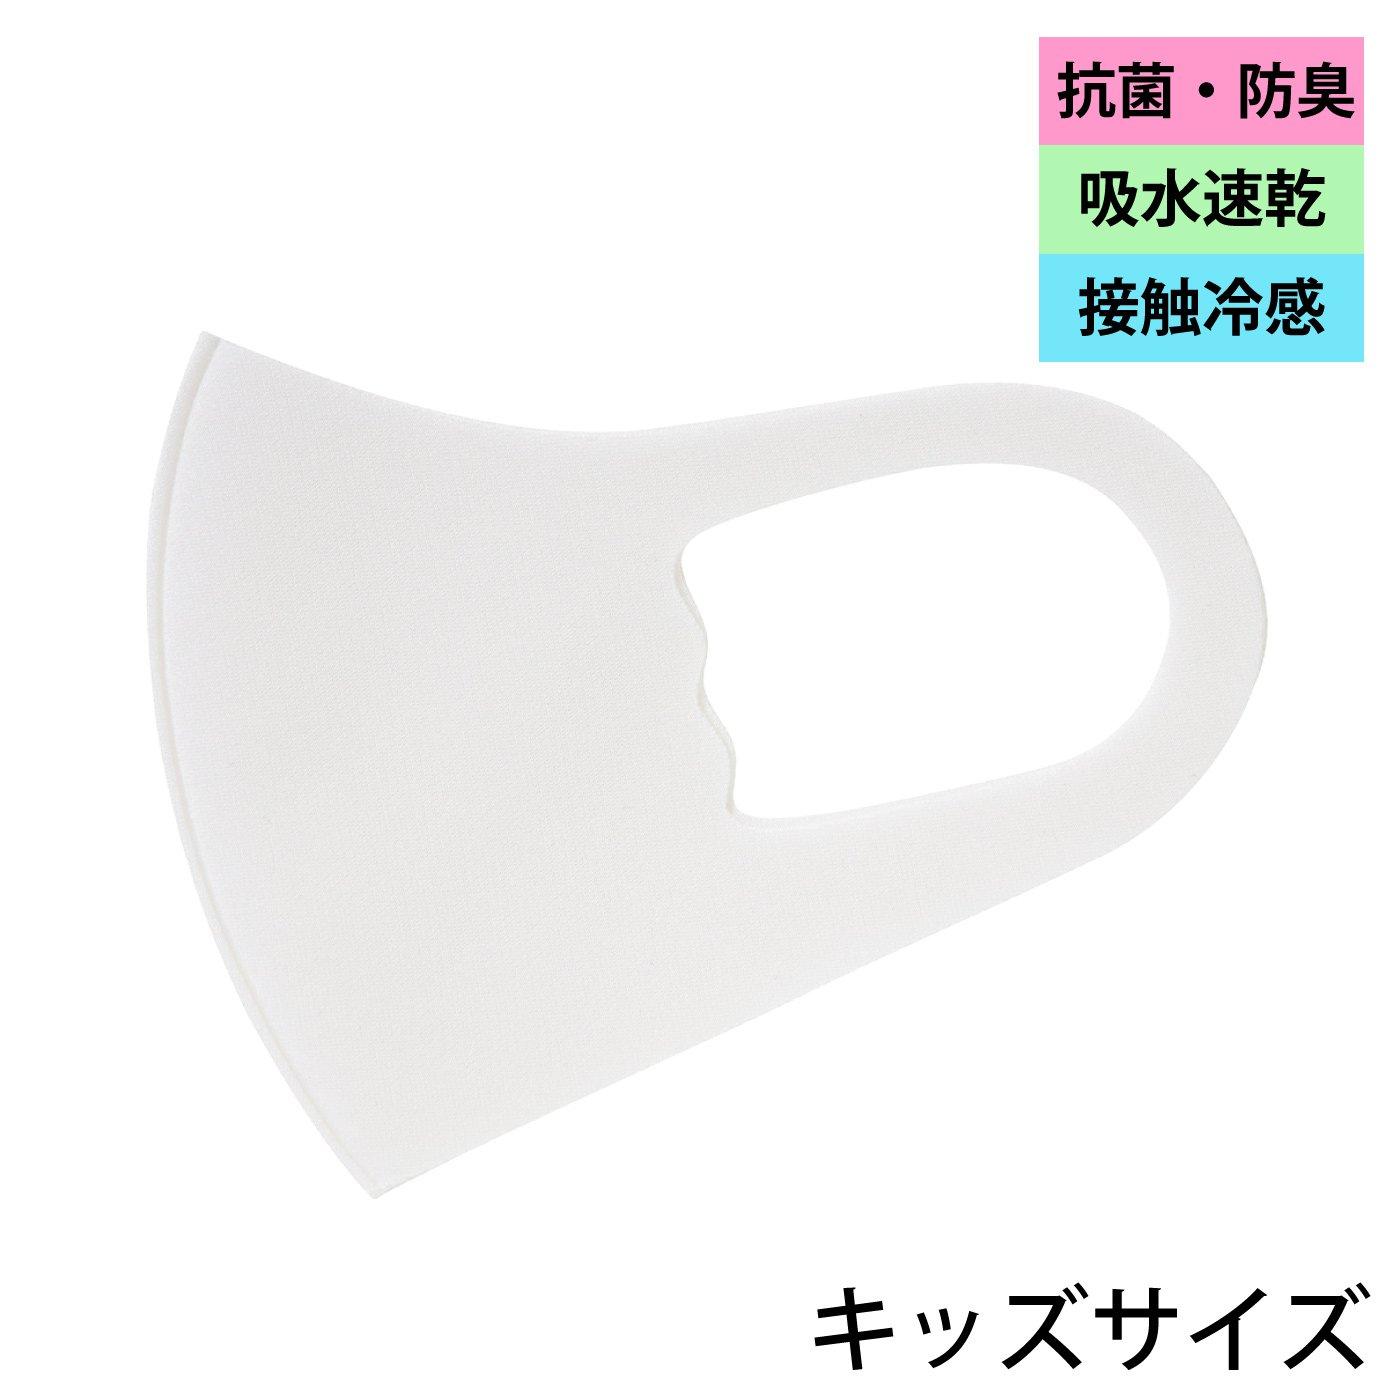 【WEB限定】IEDIT[イディット] 8つの機能を持つ 洗って使えるスポーツ素材マスクEITORE〈エイトワール〉キッズサイズ3枚セット